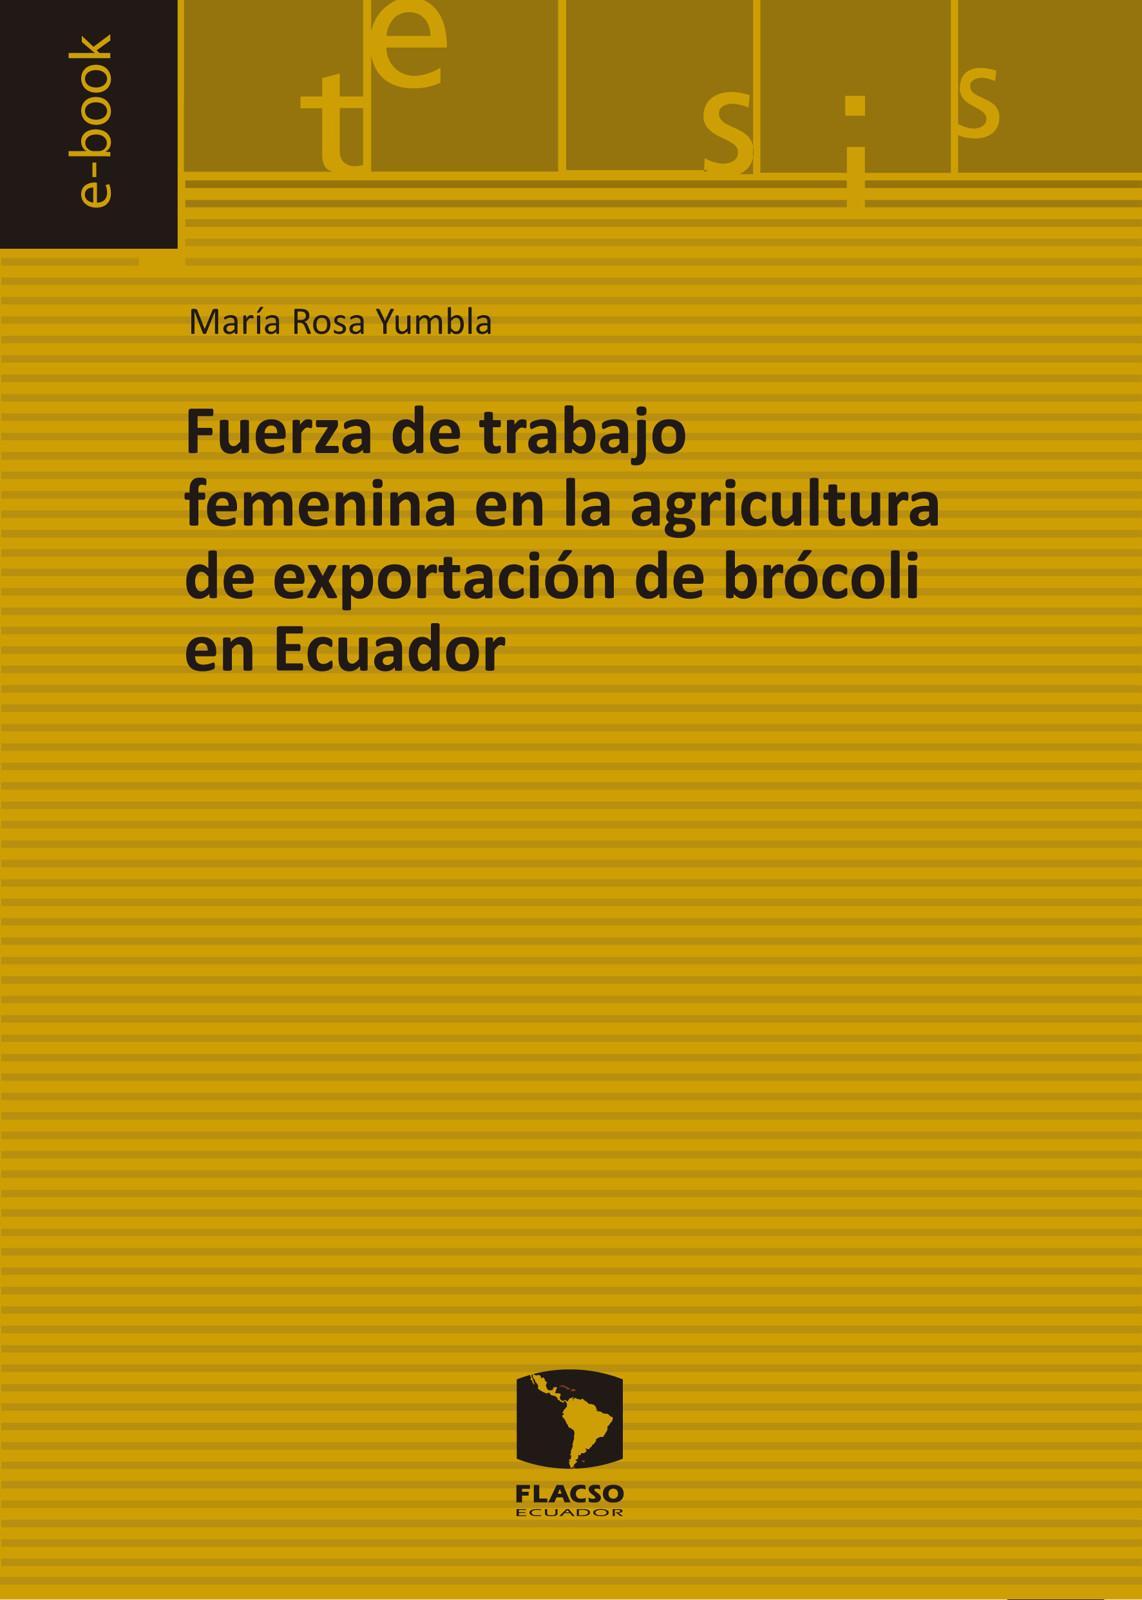 Fuerza de trabajo femenina en la agricultura de exportación de brócoli en Ecuador